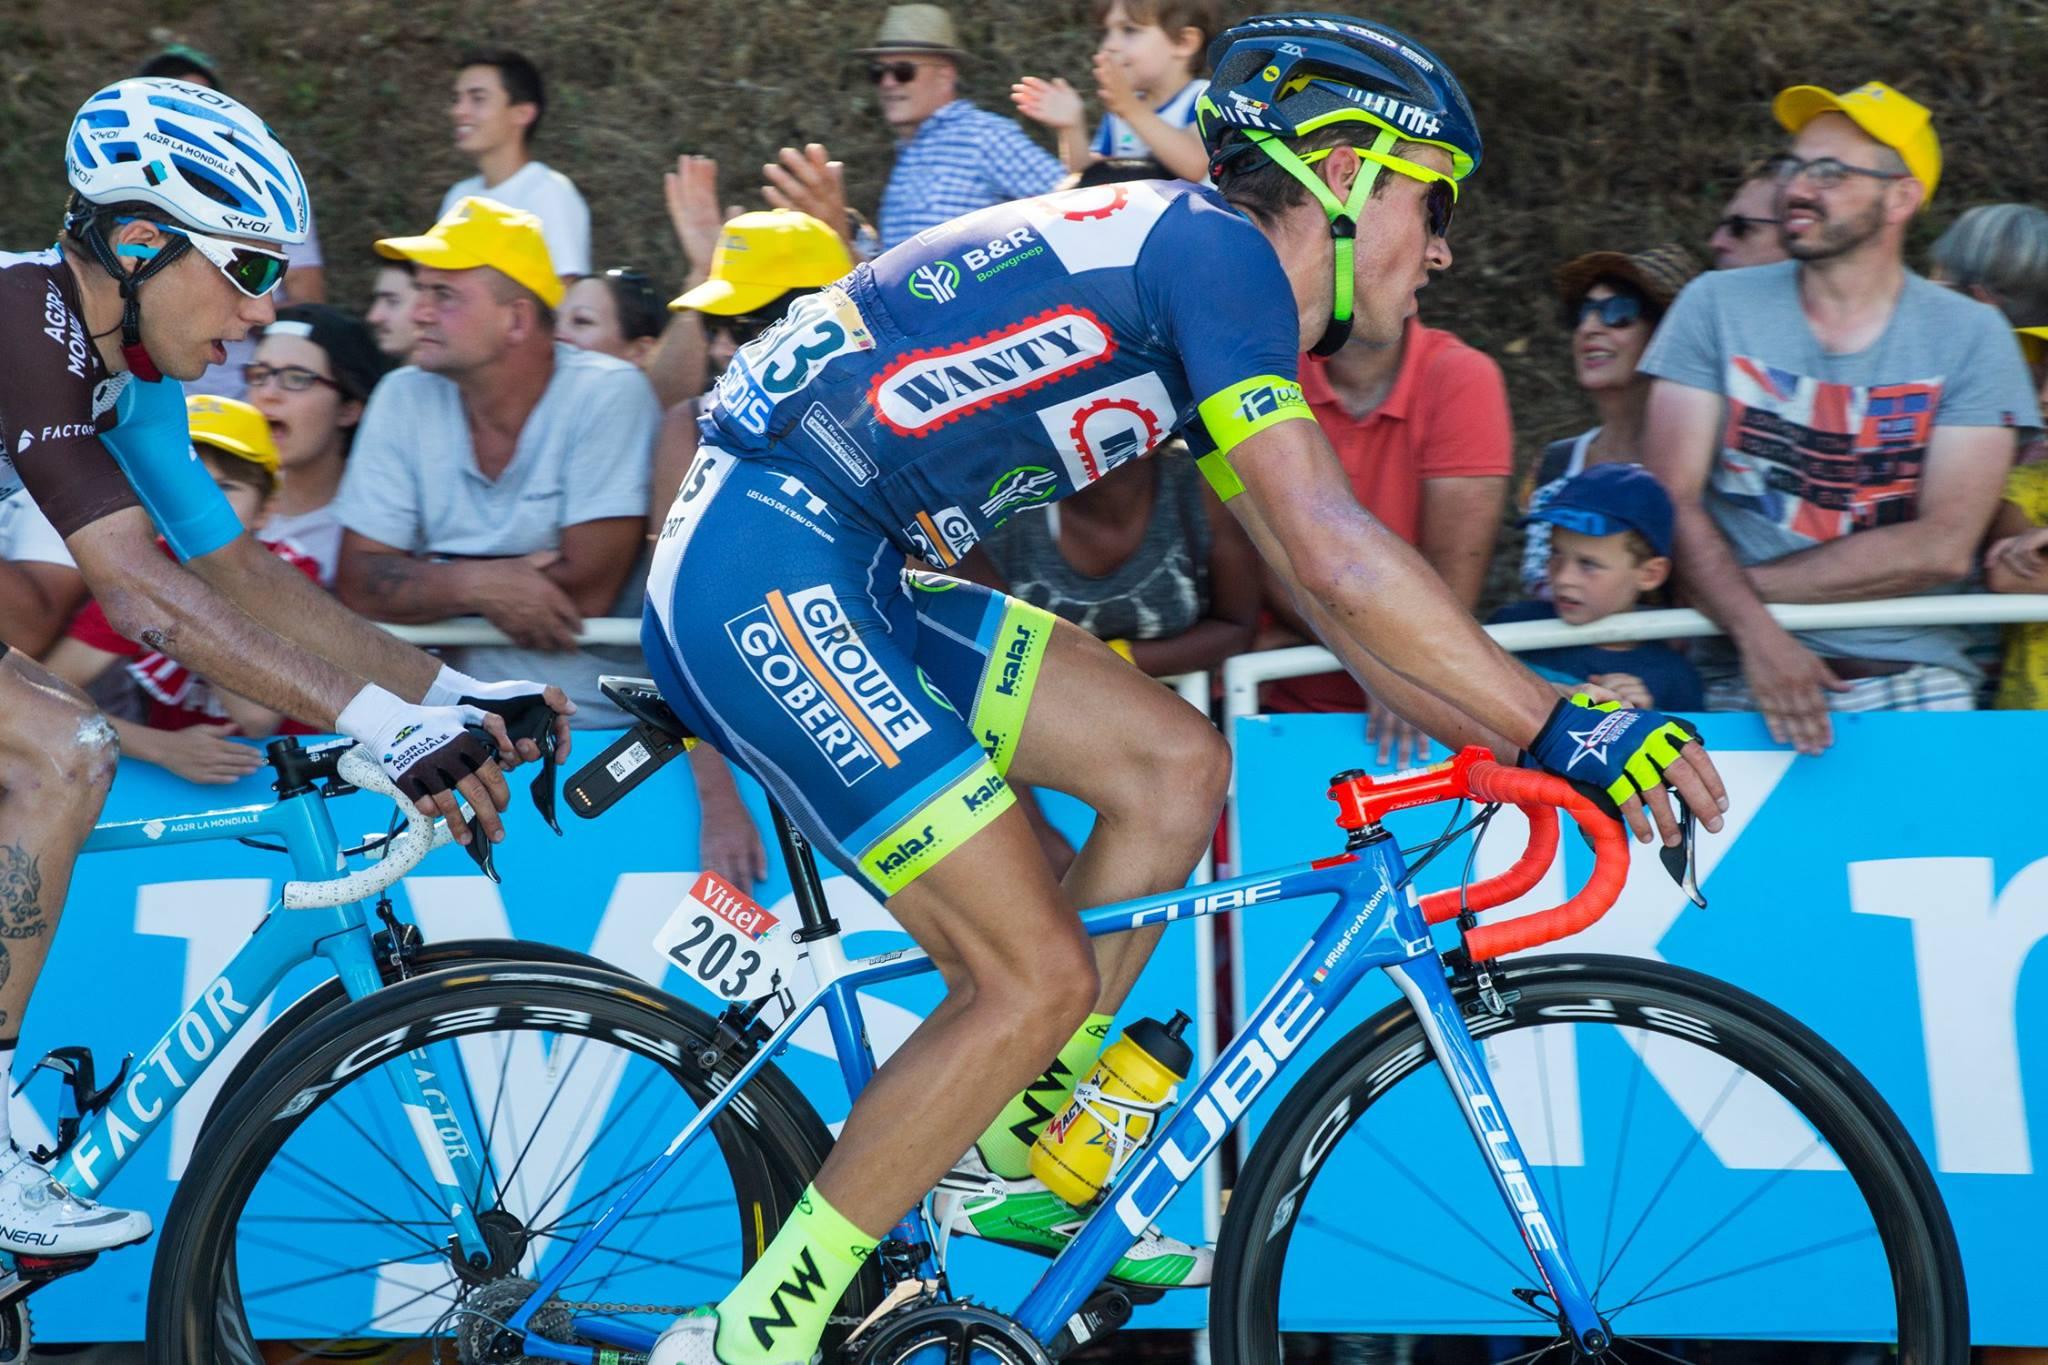 Après 2664 kilomètres de course, les 9 coureurs de la Wanty-Groupe Gobert ont pu profiter du deuxième jour de repos sur le Tour de France.